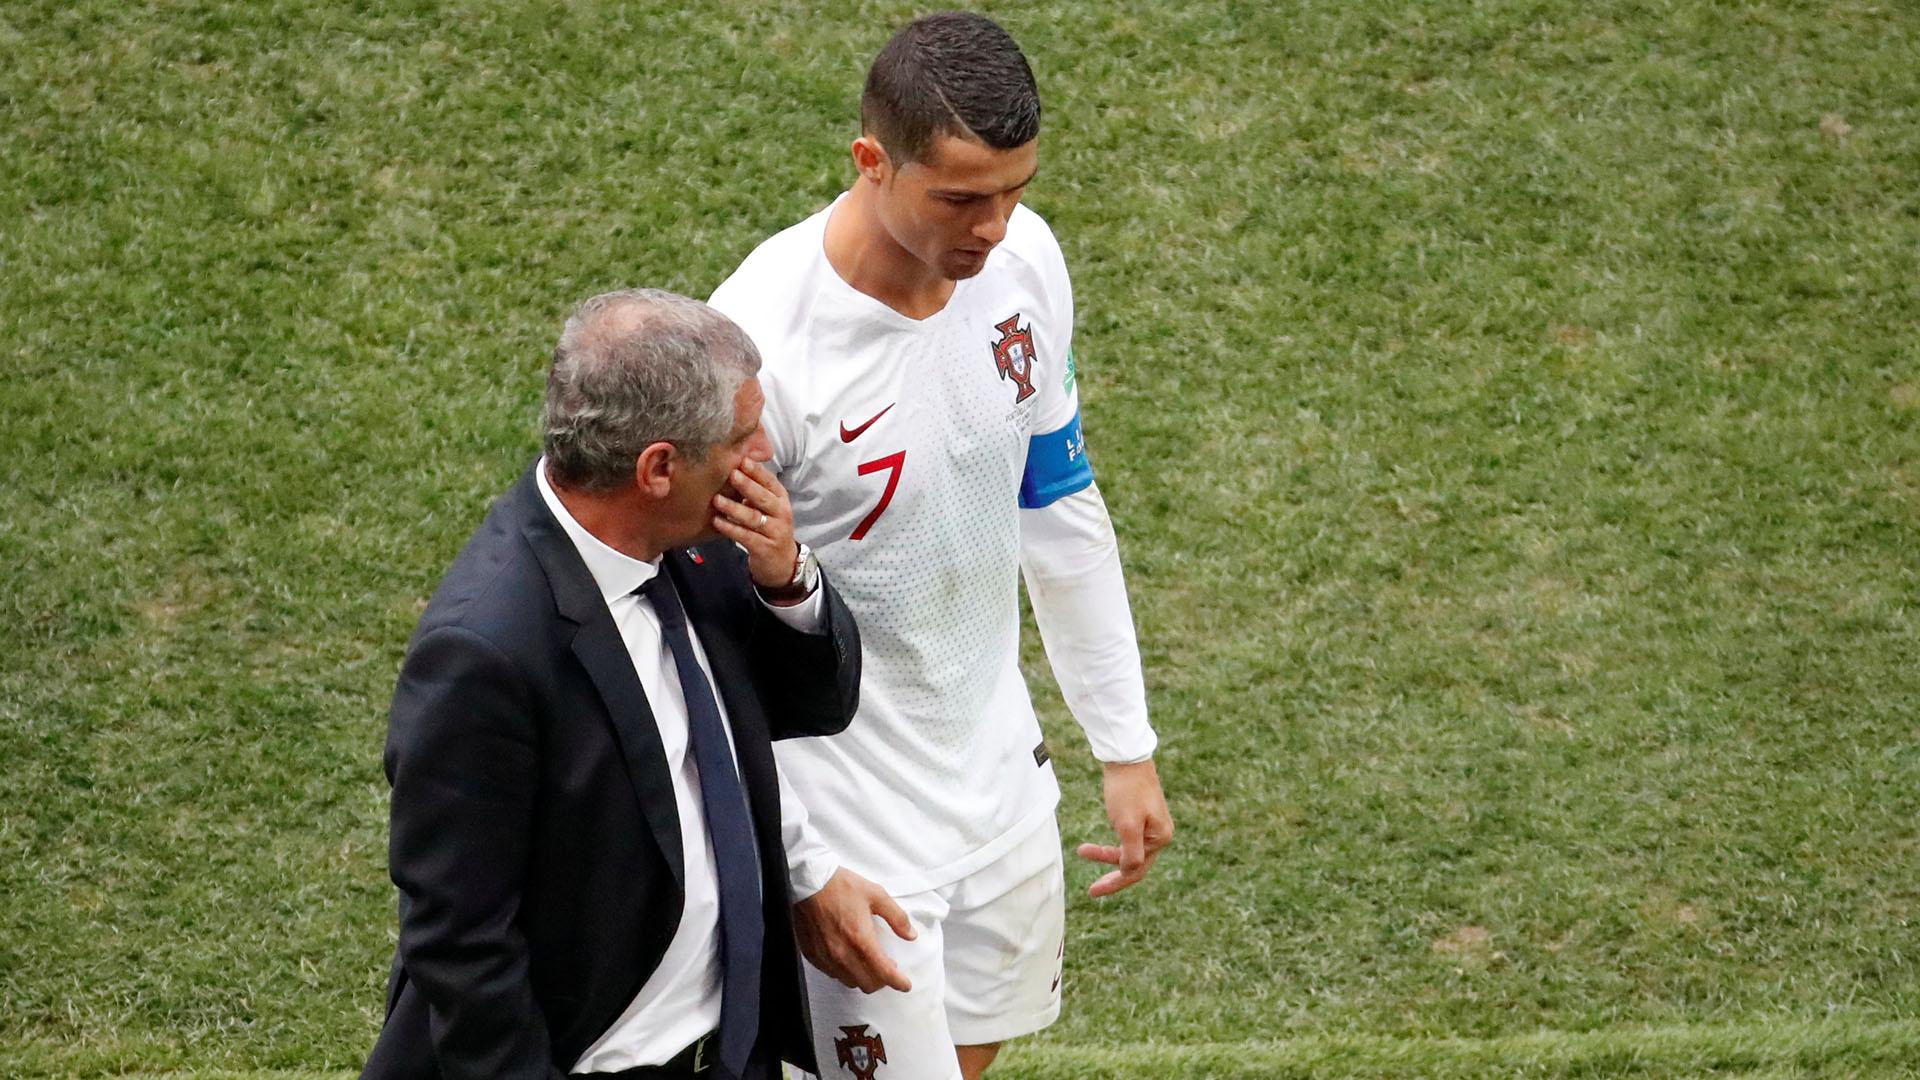 Cristiano recibe instrucciones de Fernando Santos en una pausa del partido.REUTERS/Christian Hartmann